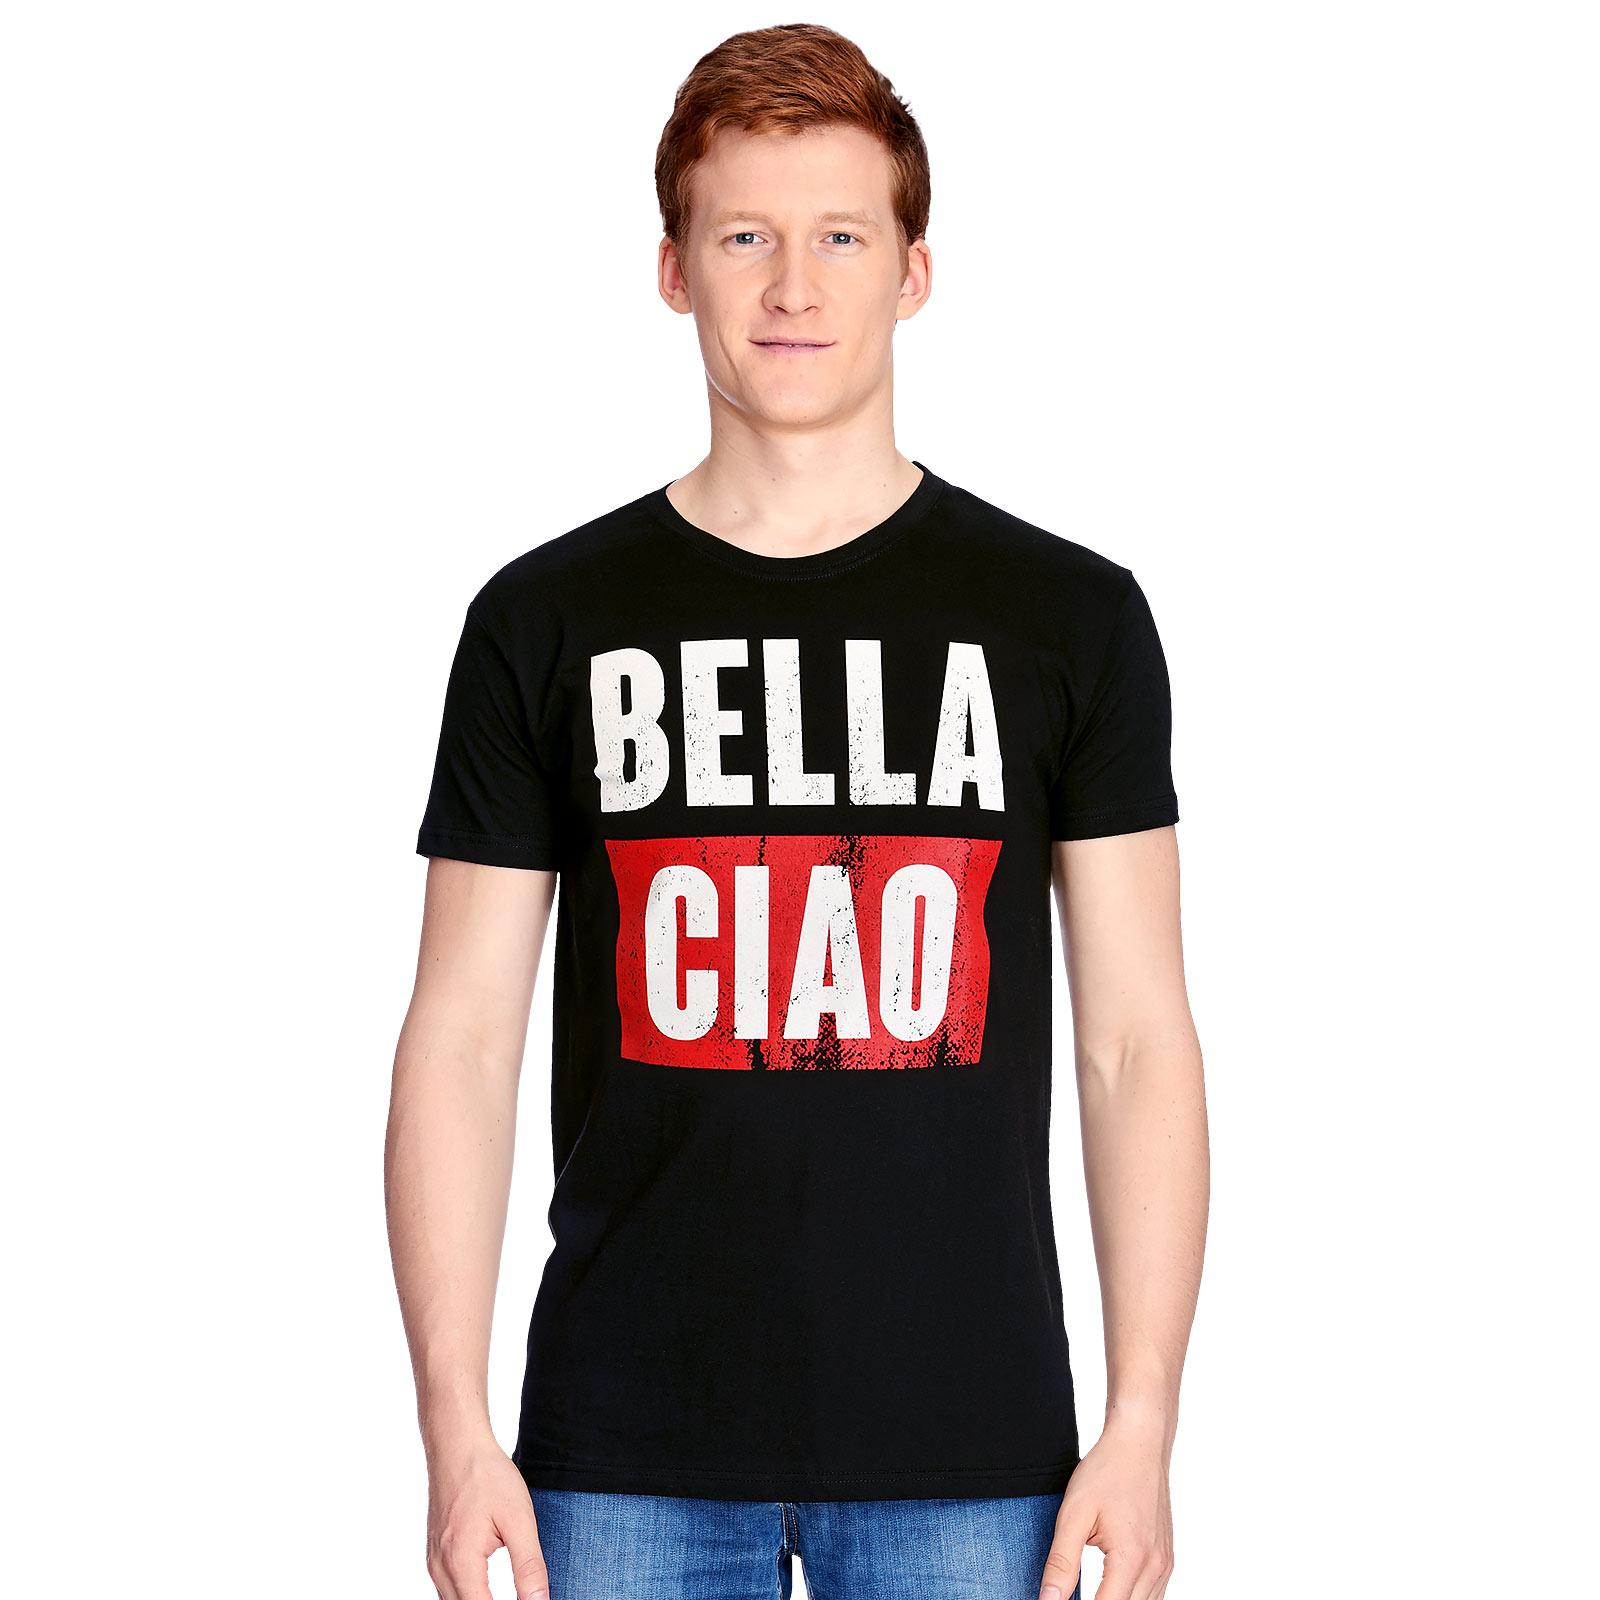 Bella Ciao T-Shirt für Haus des Geldes Fans schwarz